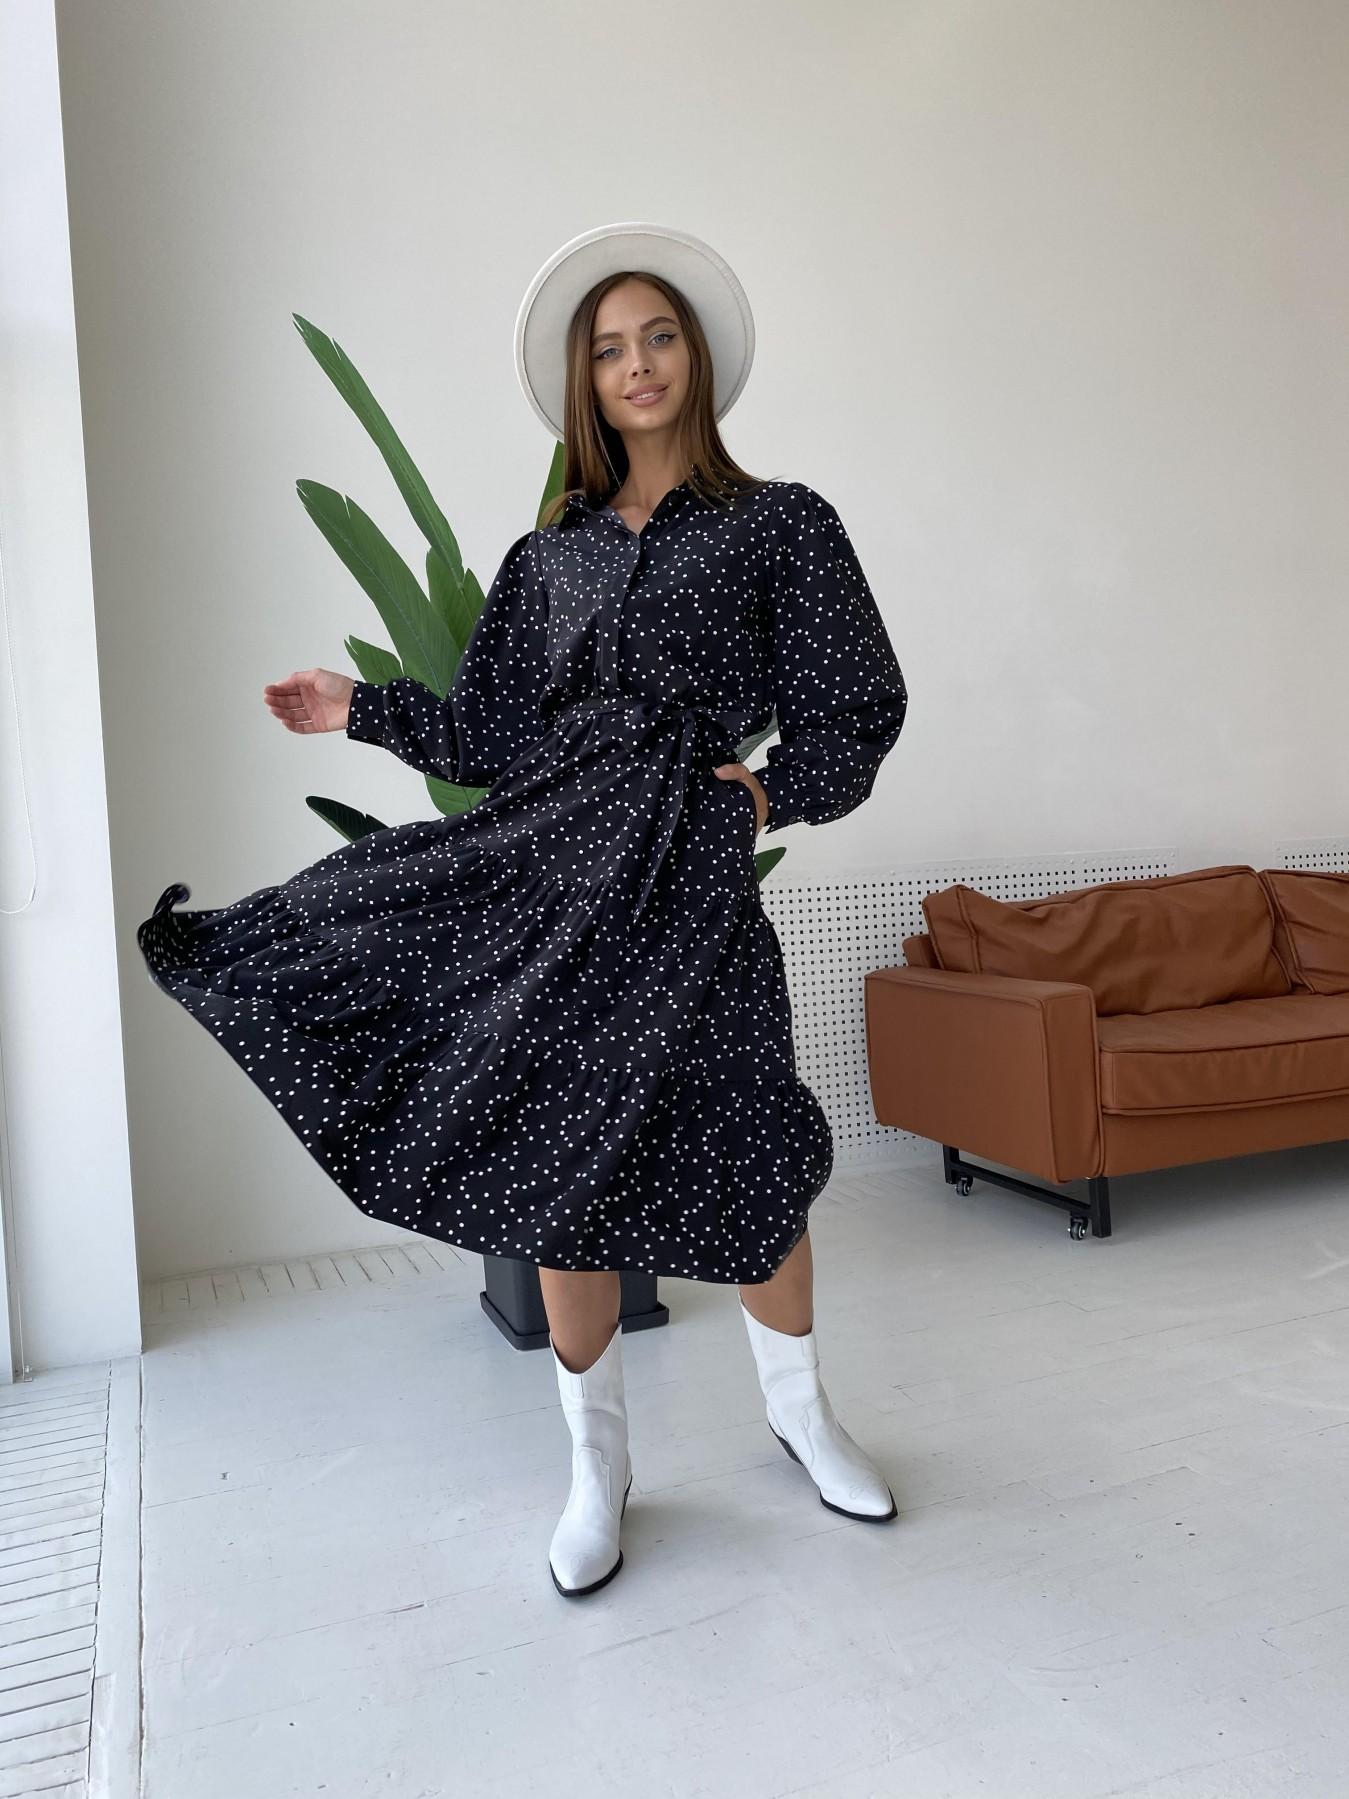 Лилия д/р софт принт стрейч платье 11708 АРТ. 48409 Цвет: Черный/Молоко/ГорохМел - фото 4, интернет магазин tm-modus.ru